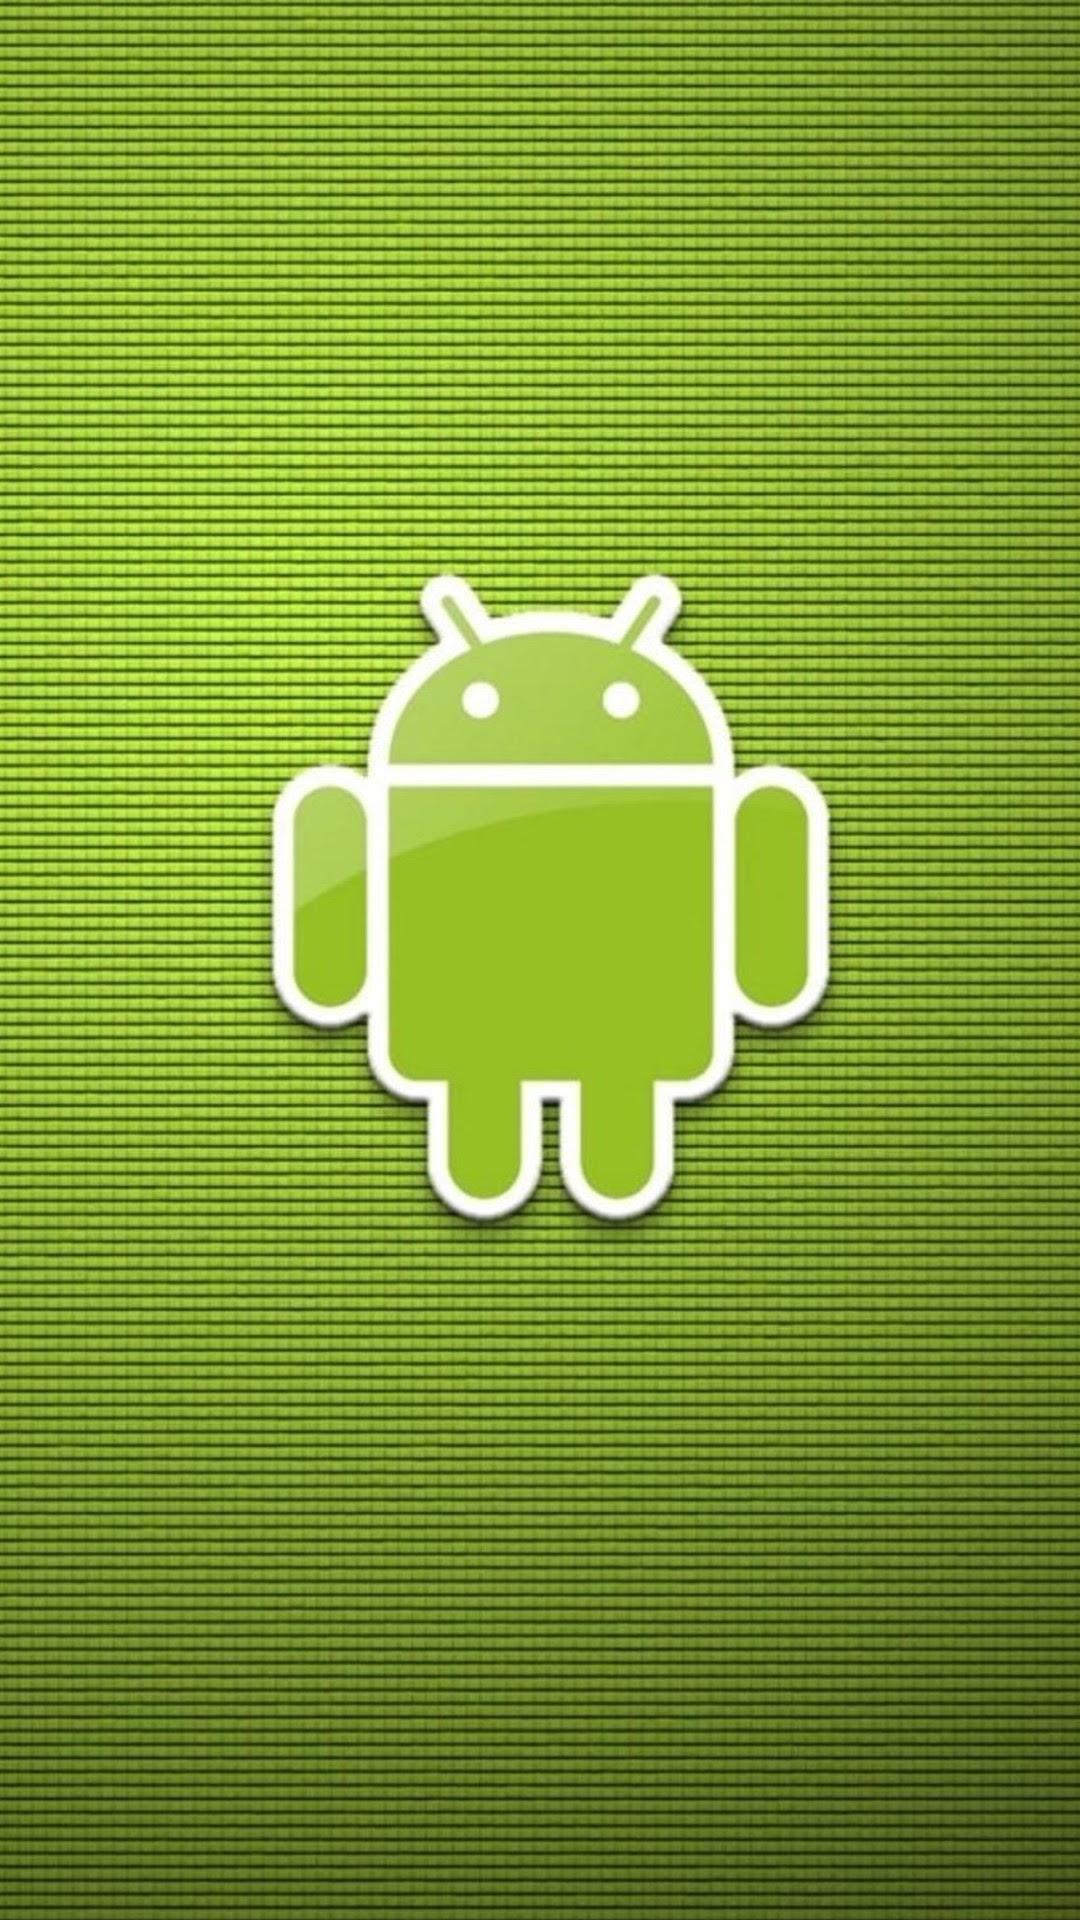 5000 Wallpaper Logo Android Keren HD Terbaik